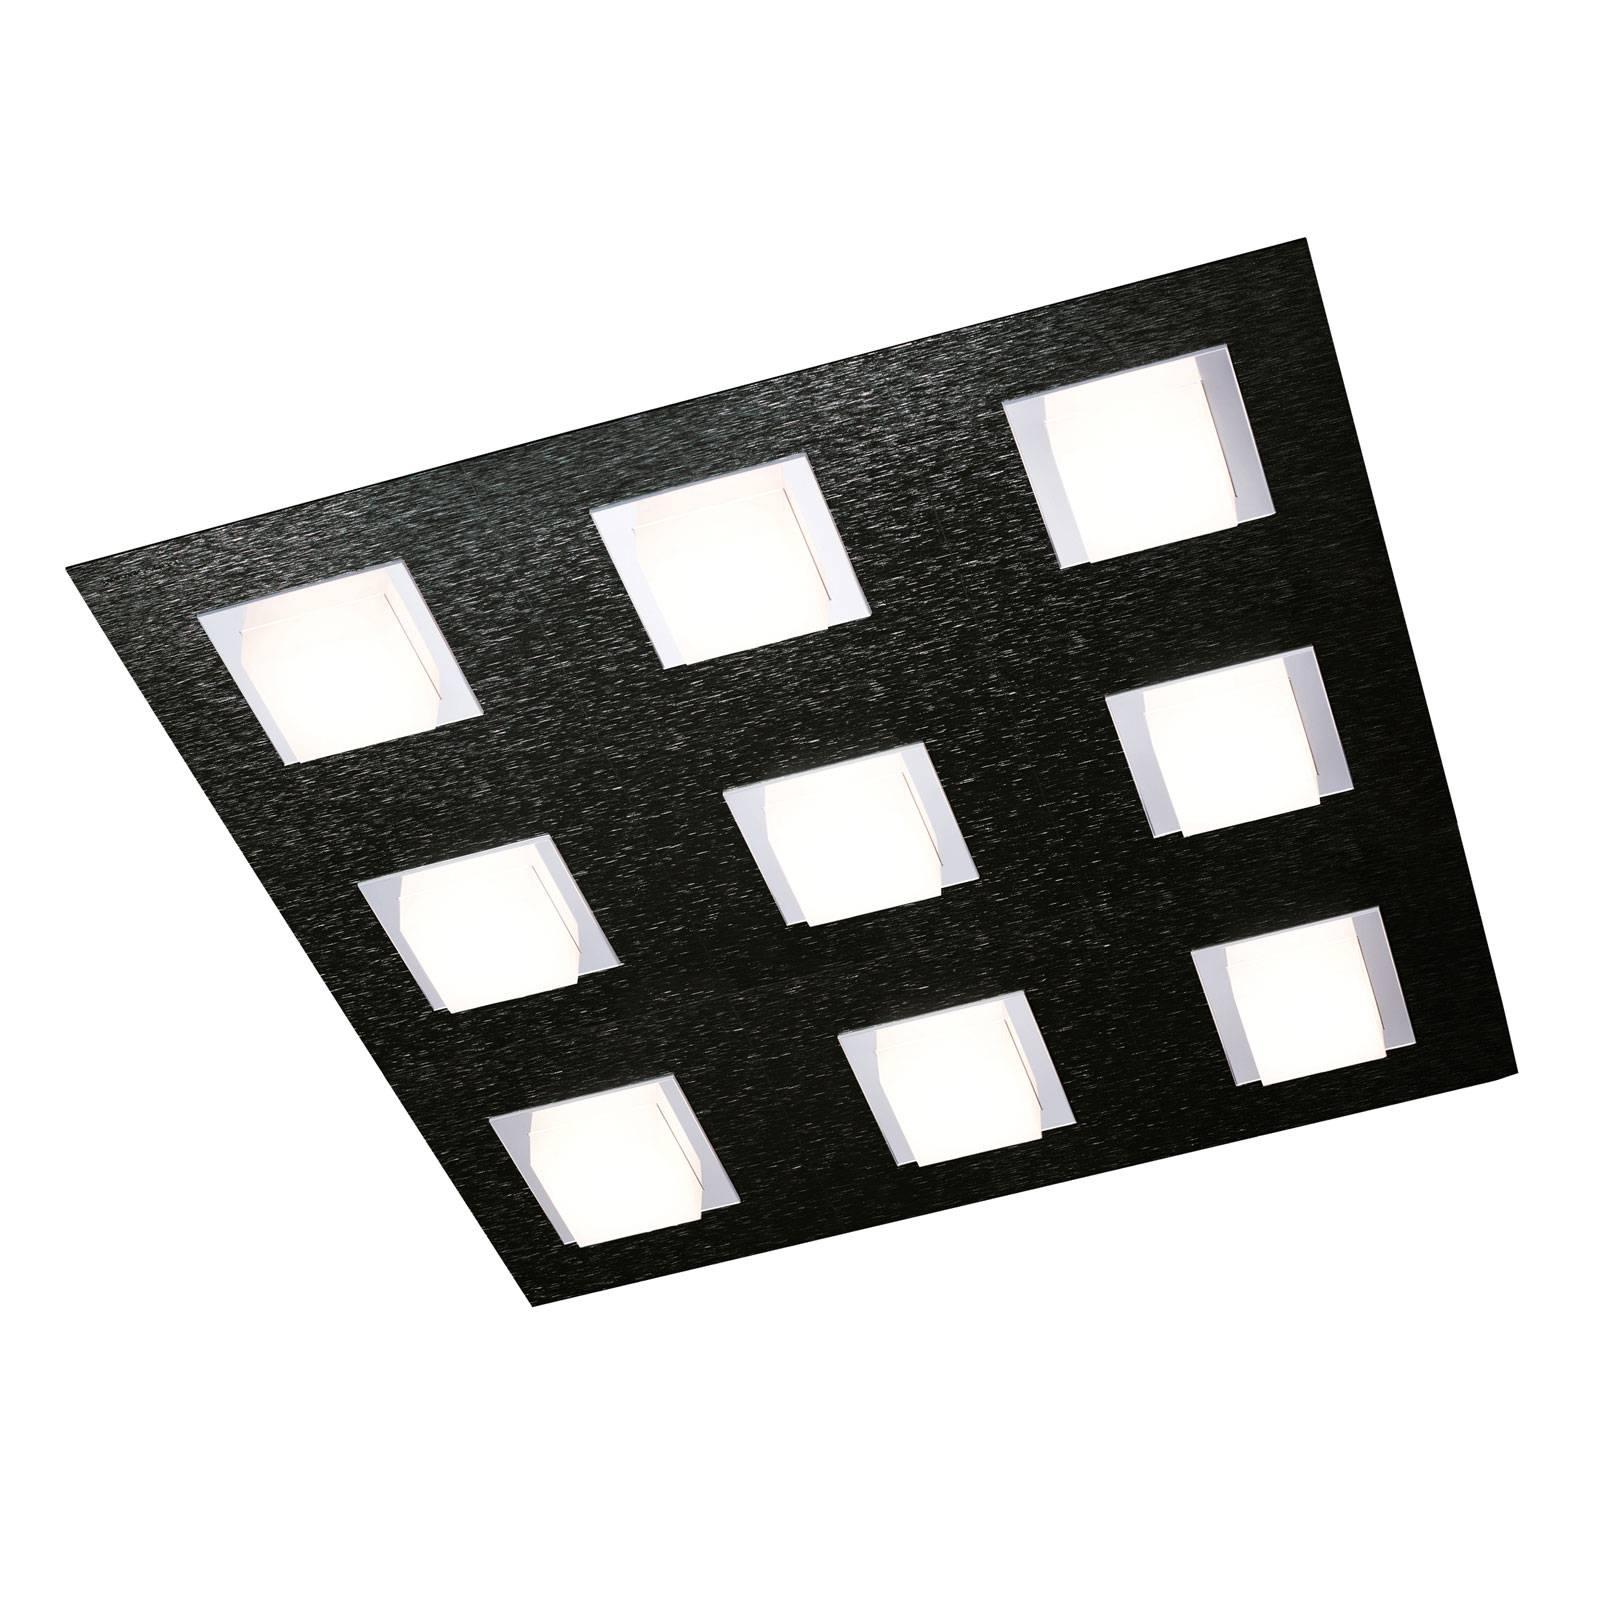 GROSSMANN Basic -kattovalaisin 9-lamppuinen musta